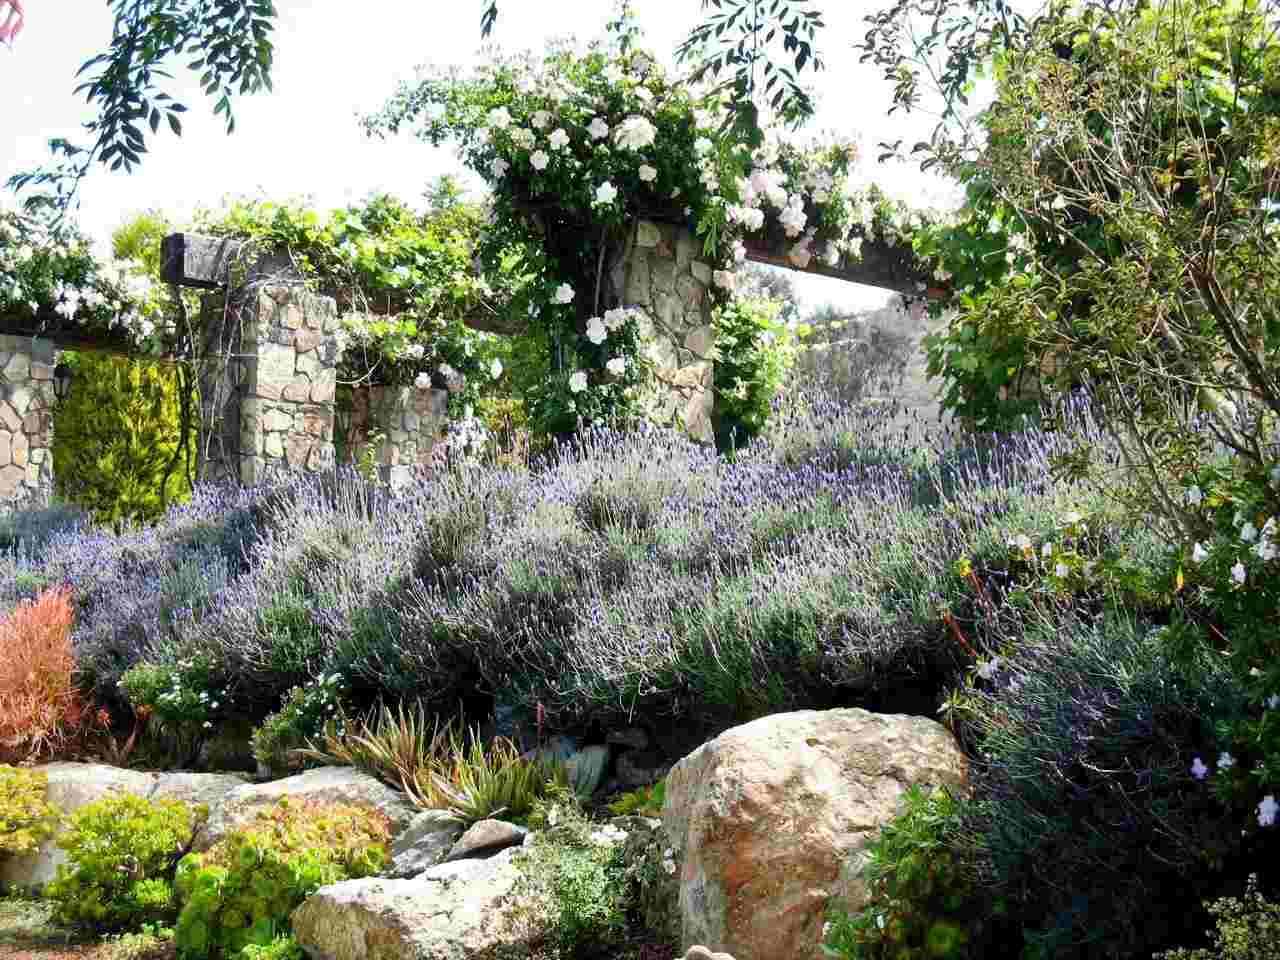 Gartengestaltung Landhaus Bild 5 Landhaus Garten Form Farbe Jpg